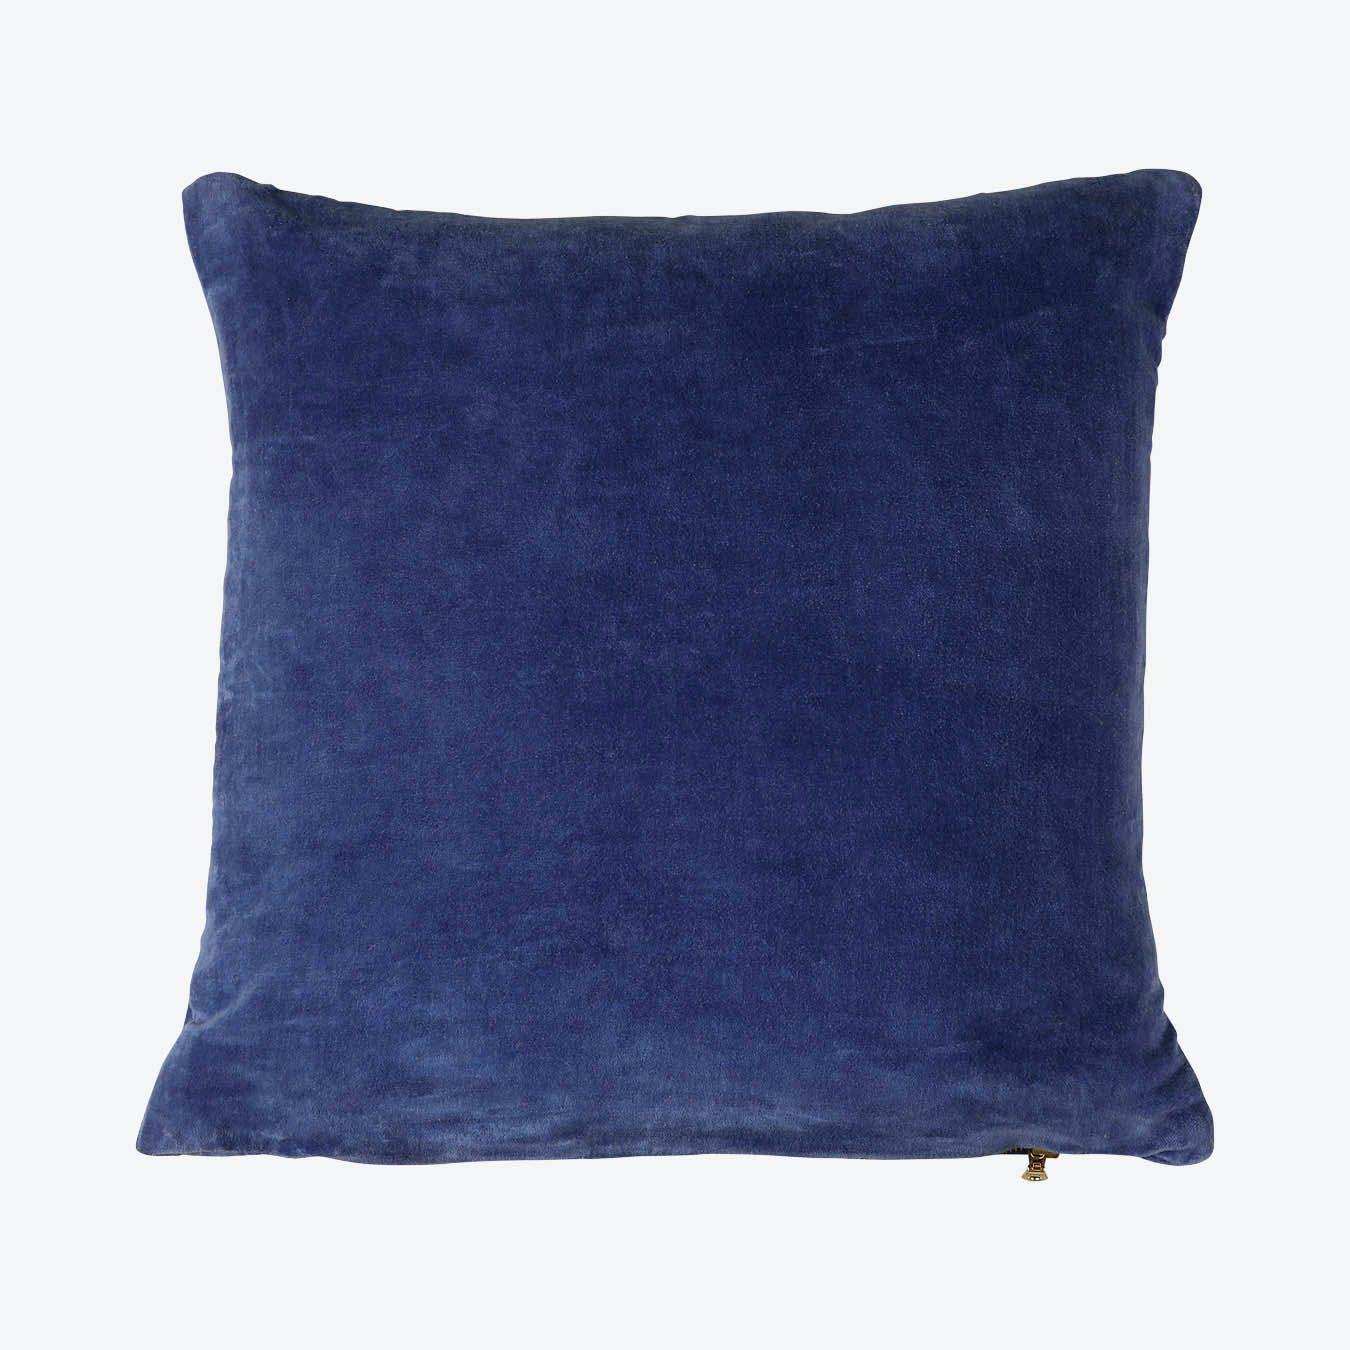 Lush Velvet Pillow Covers | Velvet